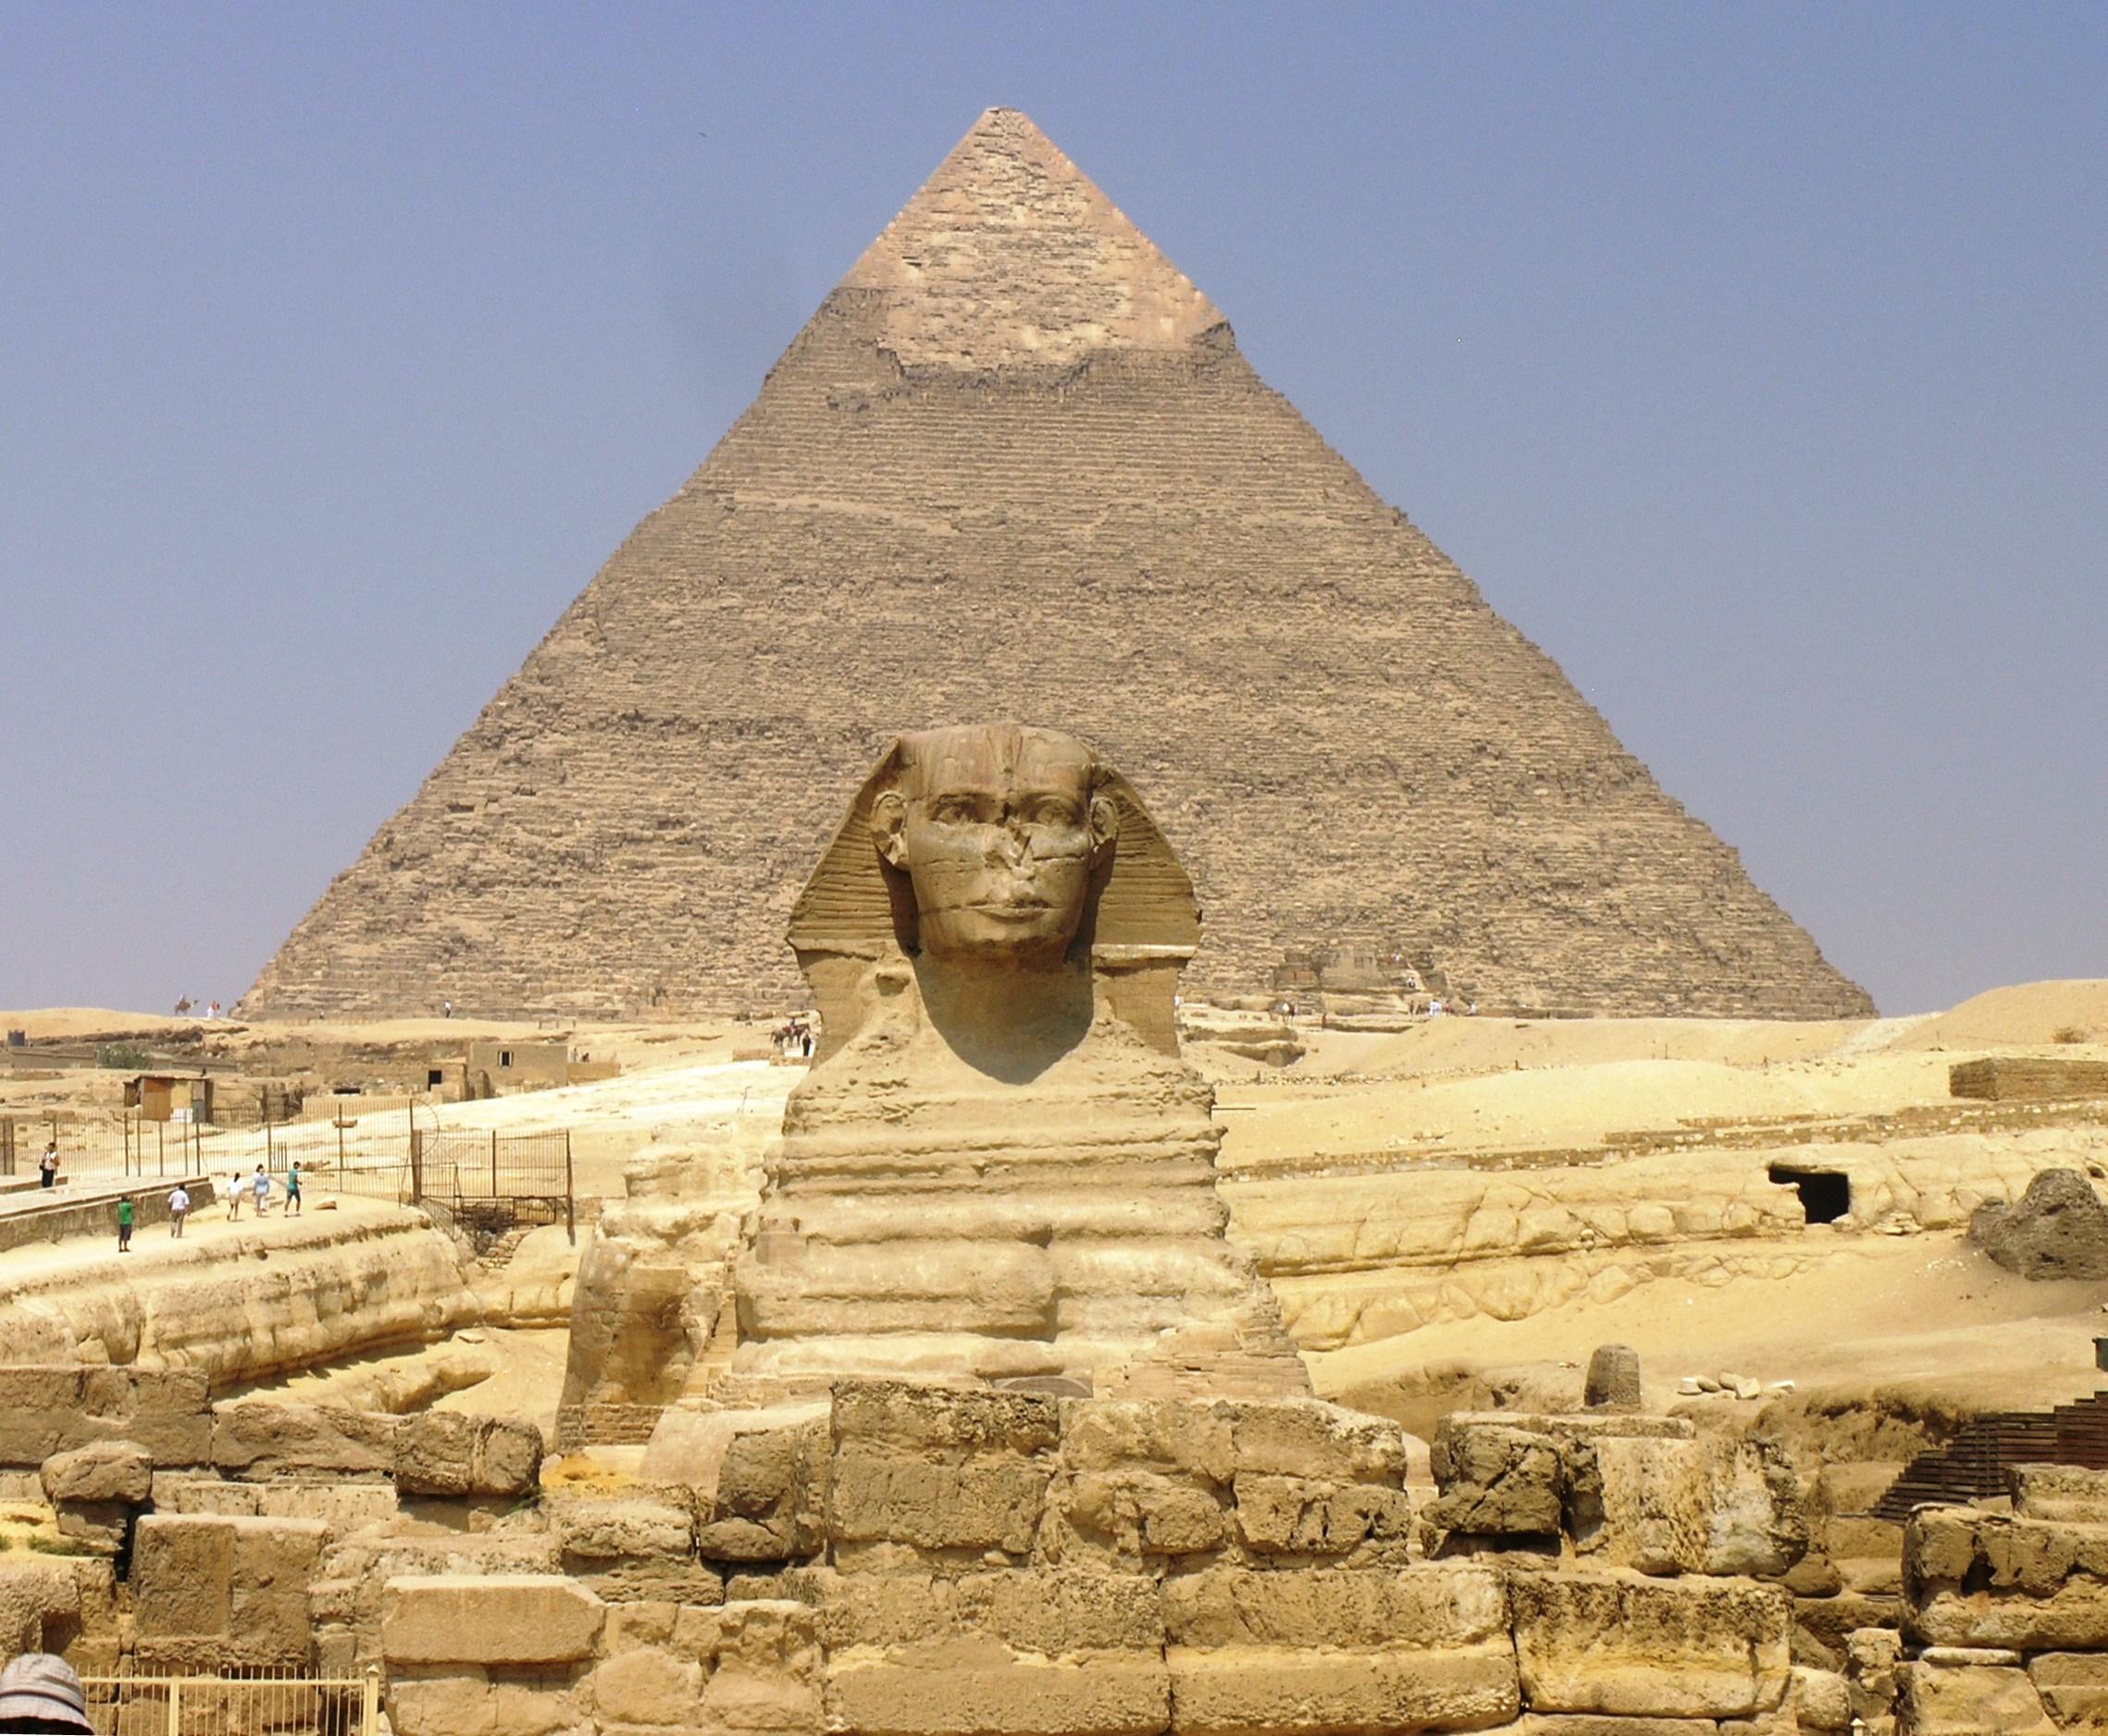 بالصور السياحة في مصر , شاهد بالصور اروع المعالم السياحة فى مصر 444 14